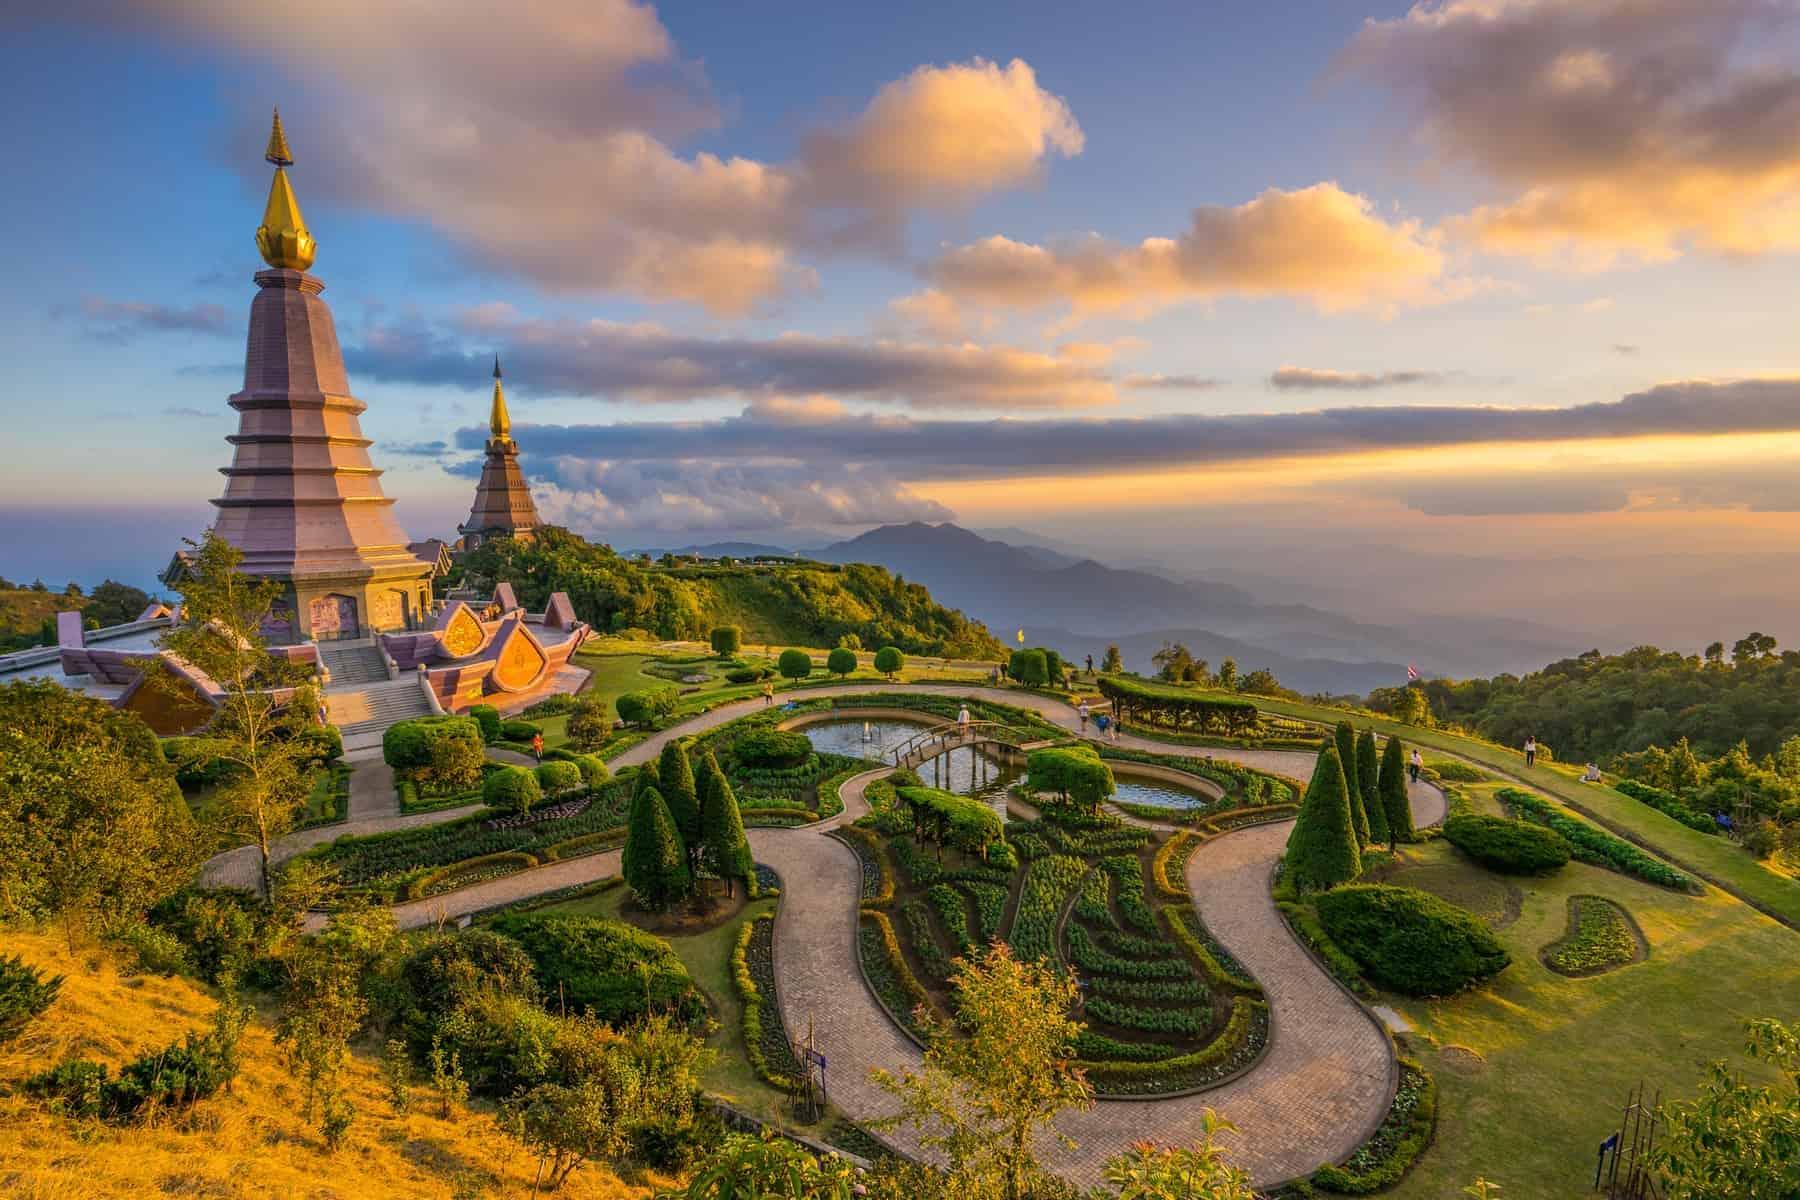 Trip to Thailand, Chiang Mai Thailand